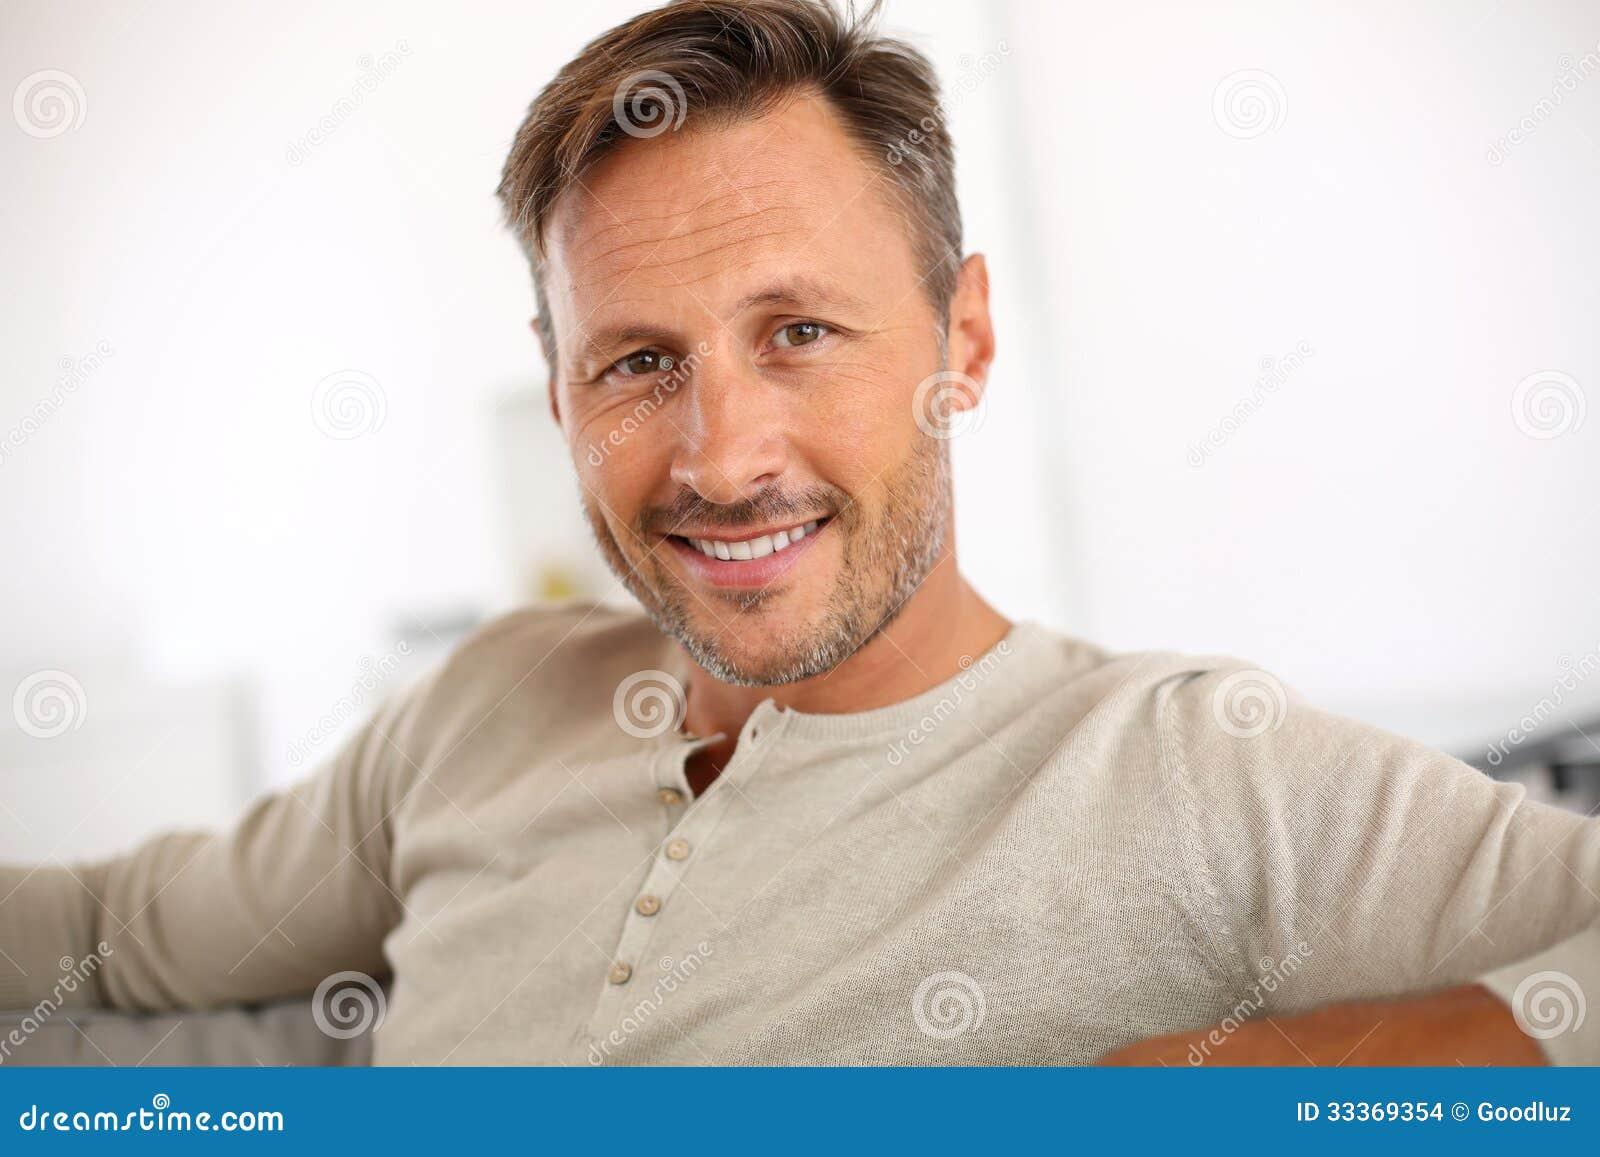 Man at 40 years old